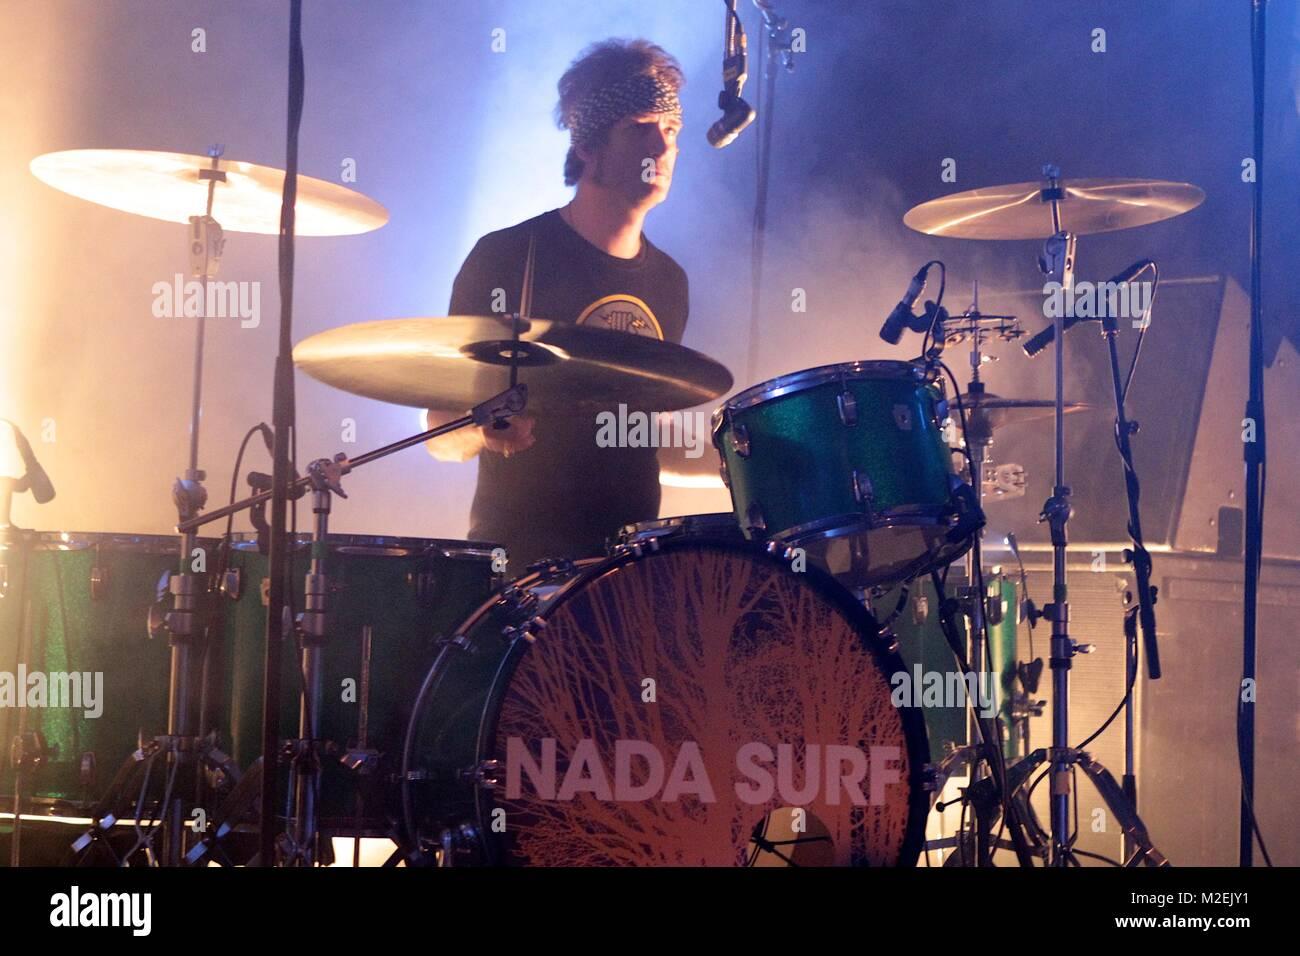 Nada Surf - Konzert am 27.02.2012 in der Markthalle Stock Photo